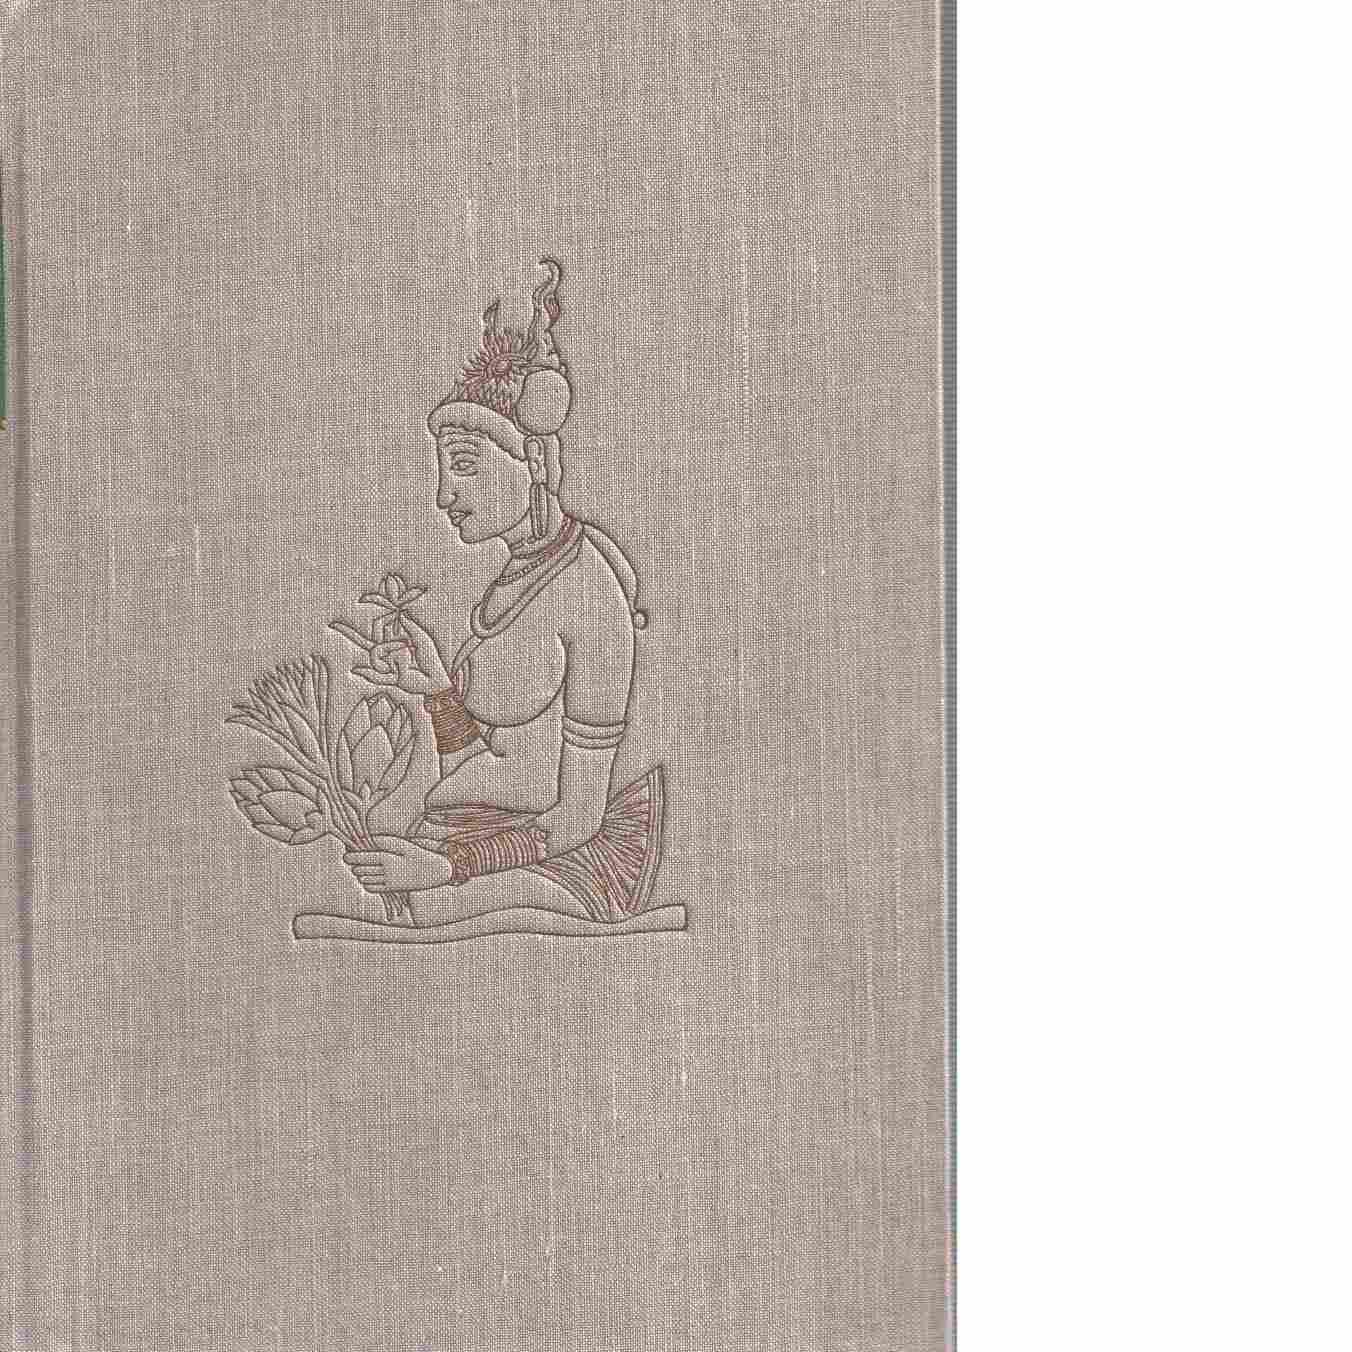 En fläkt av Indien : skildringar från en orientresa våren 1923 - Österling, Anders